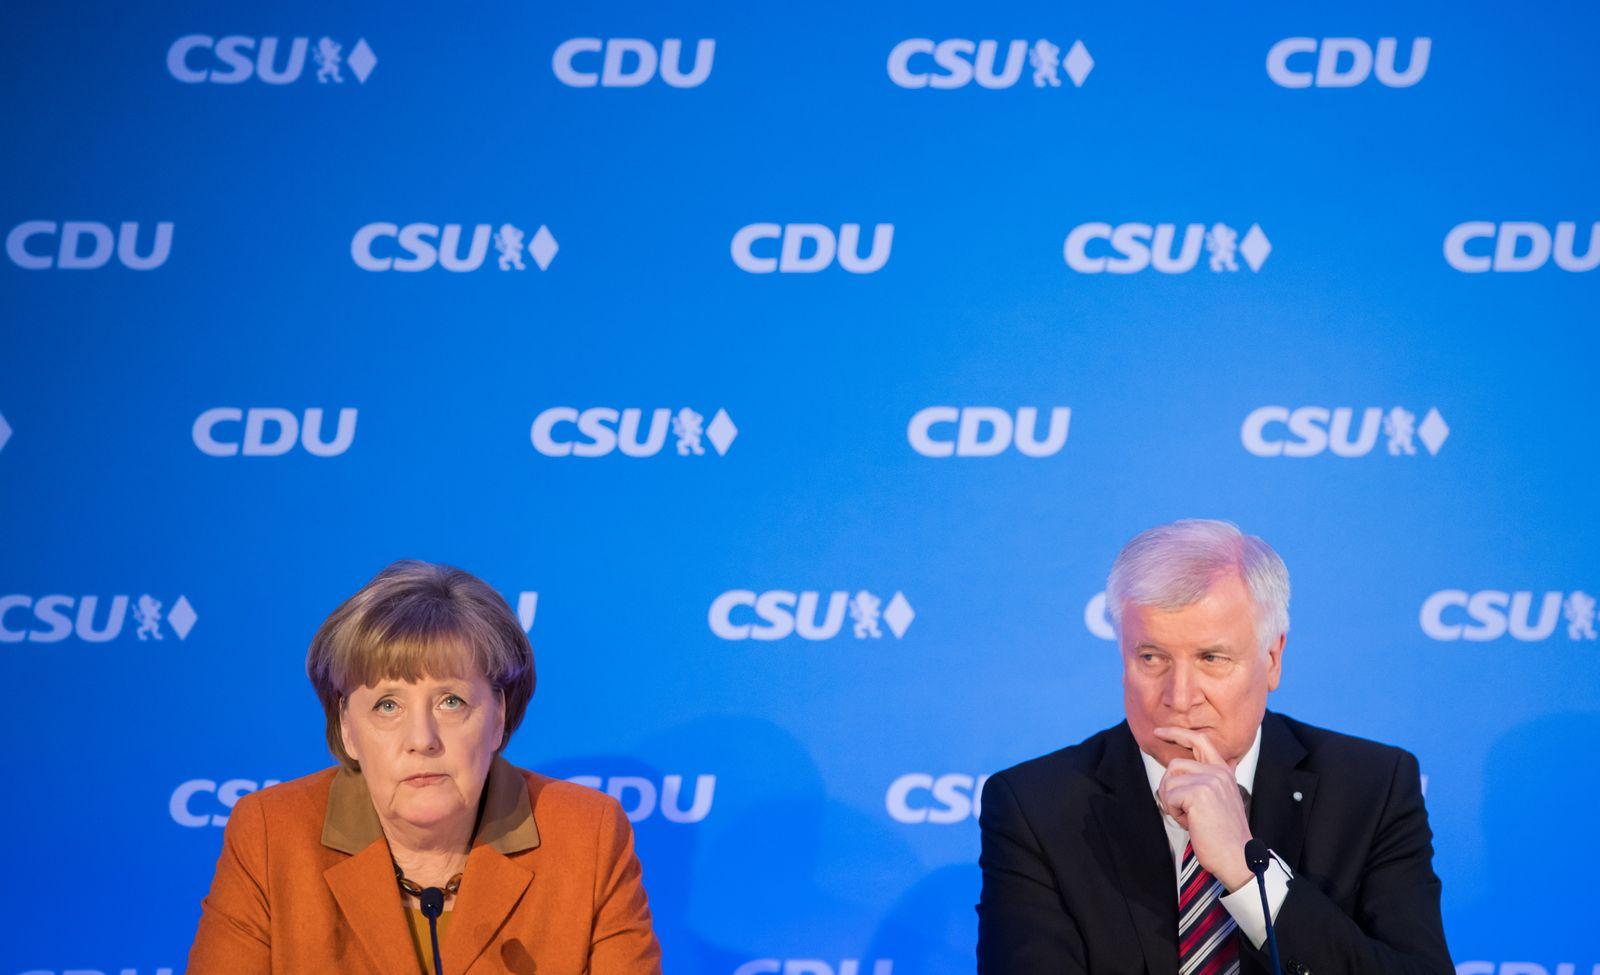 Gemeinsame Pressekonferenz von CSU und CDU